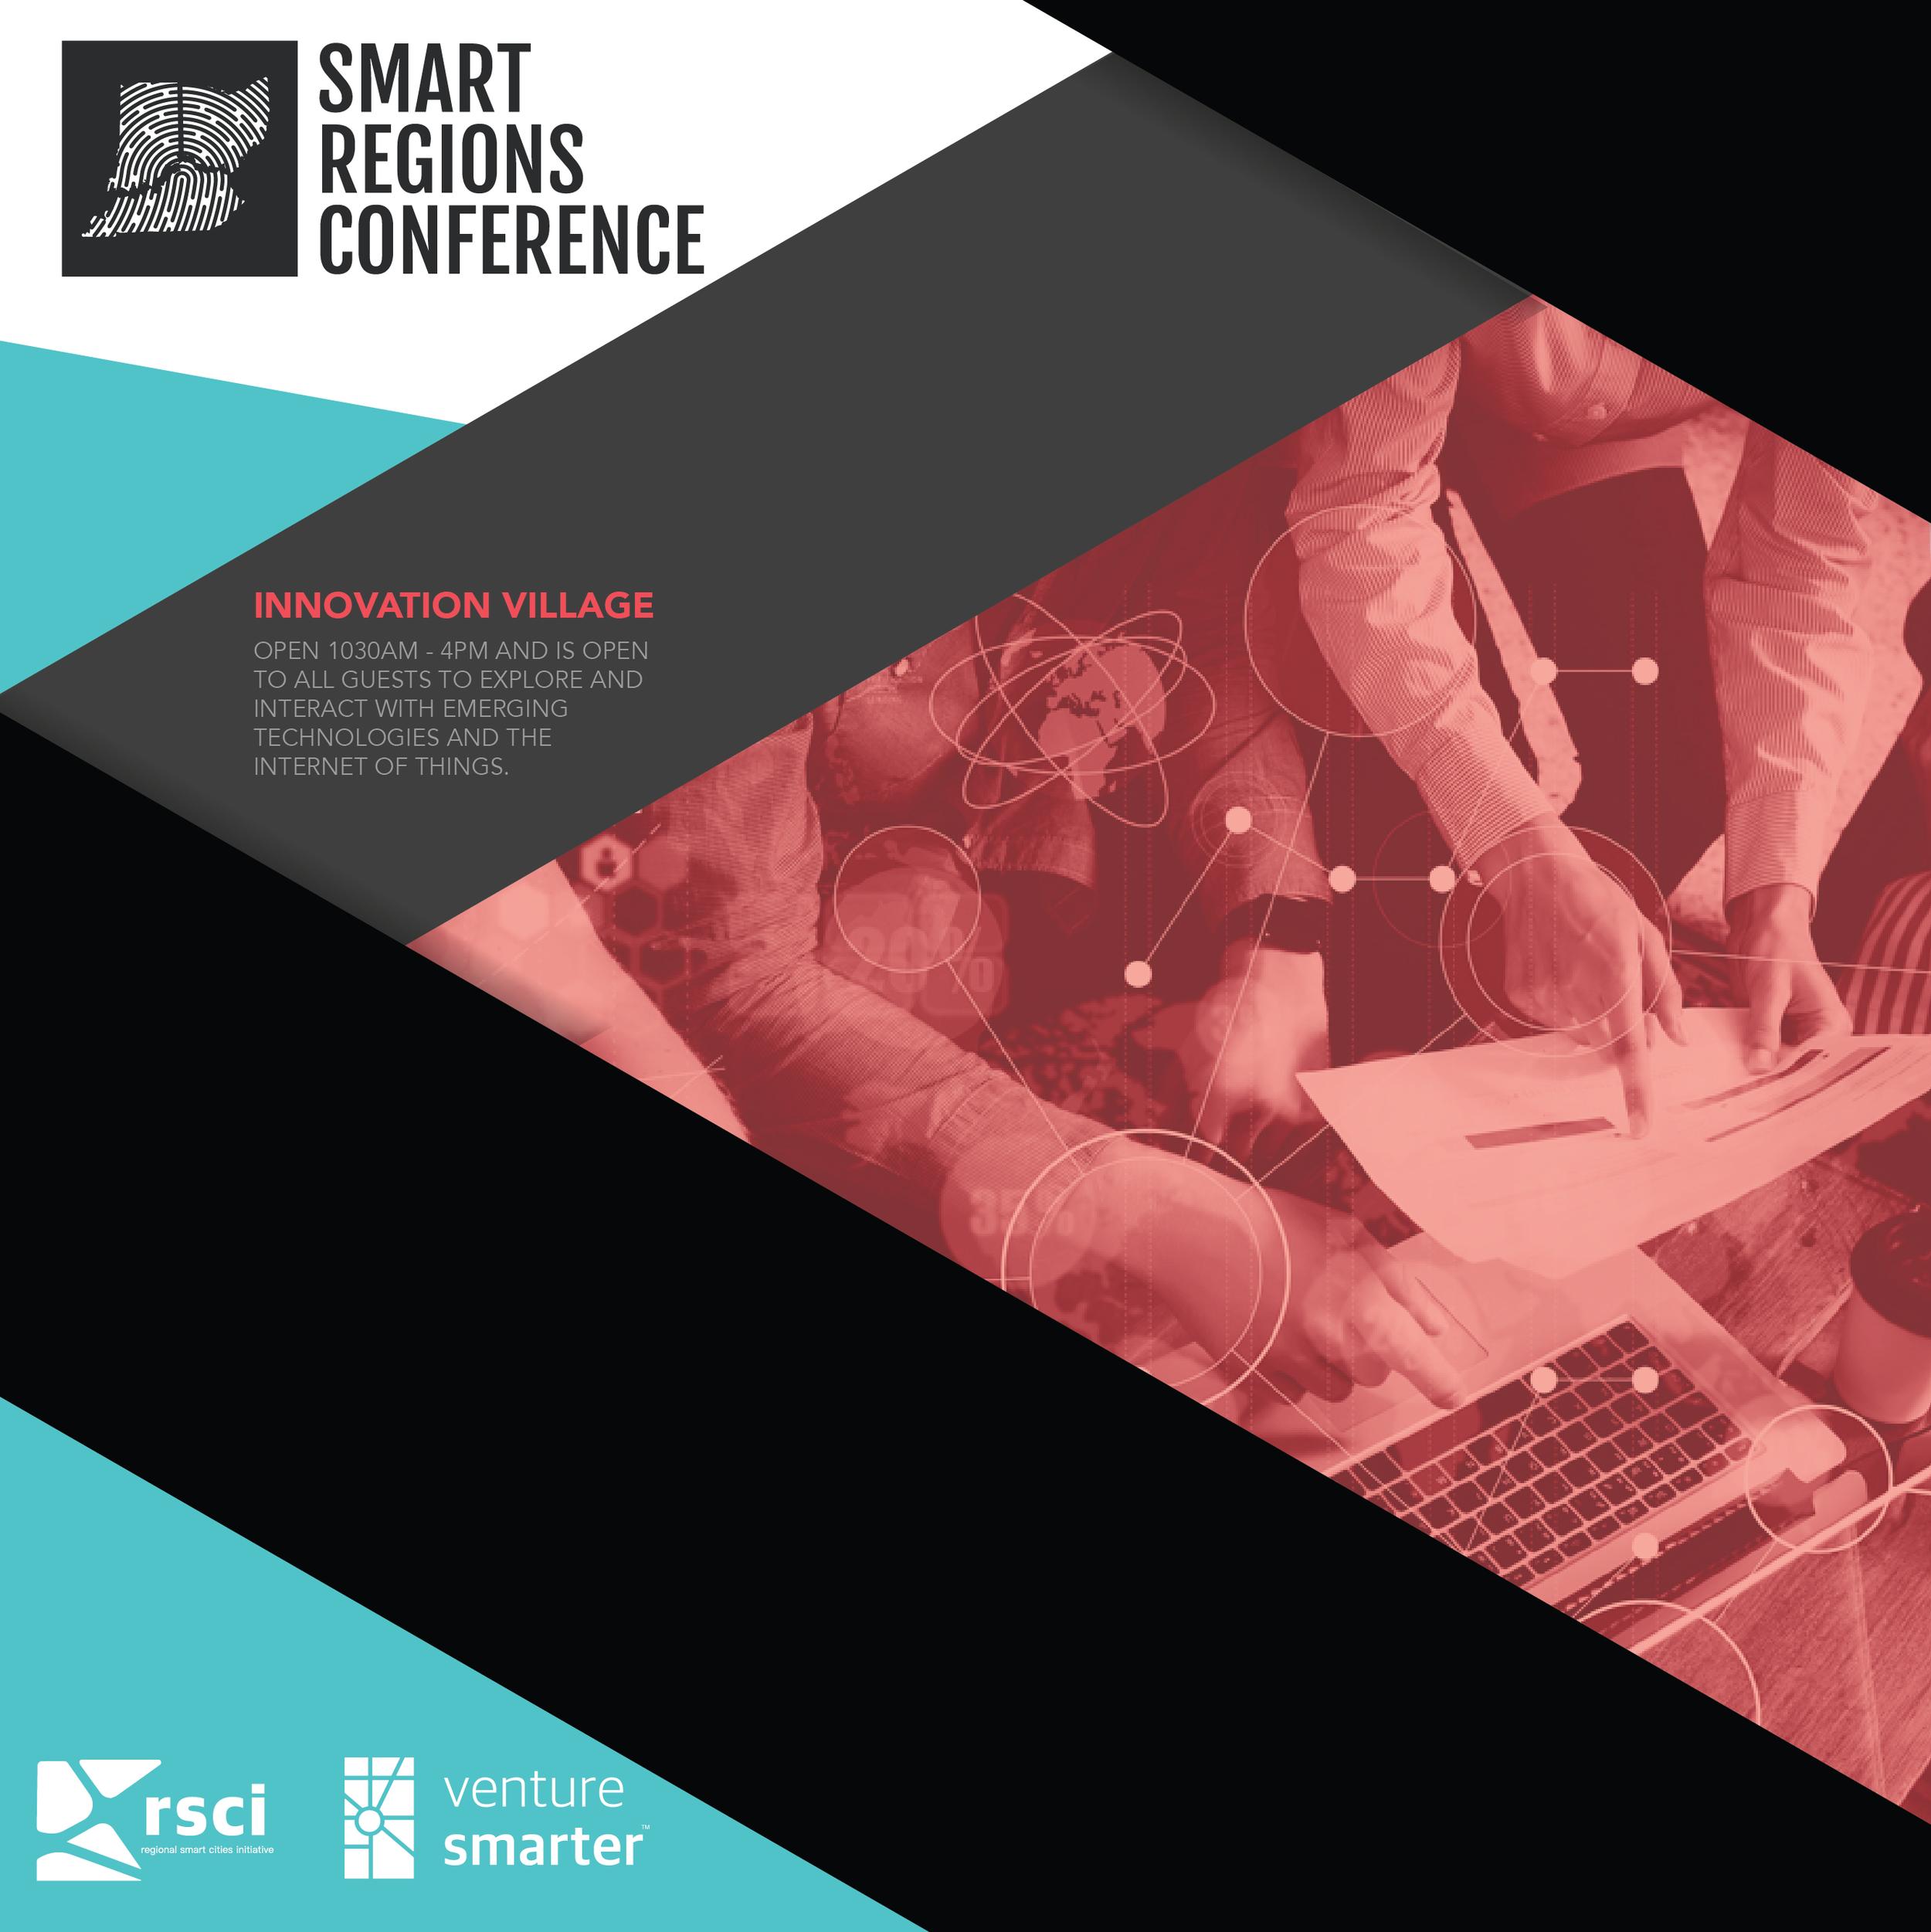 SmartRegionsConference-SocialPosts-InnovationVillage.png